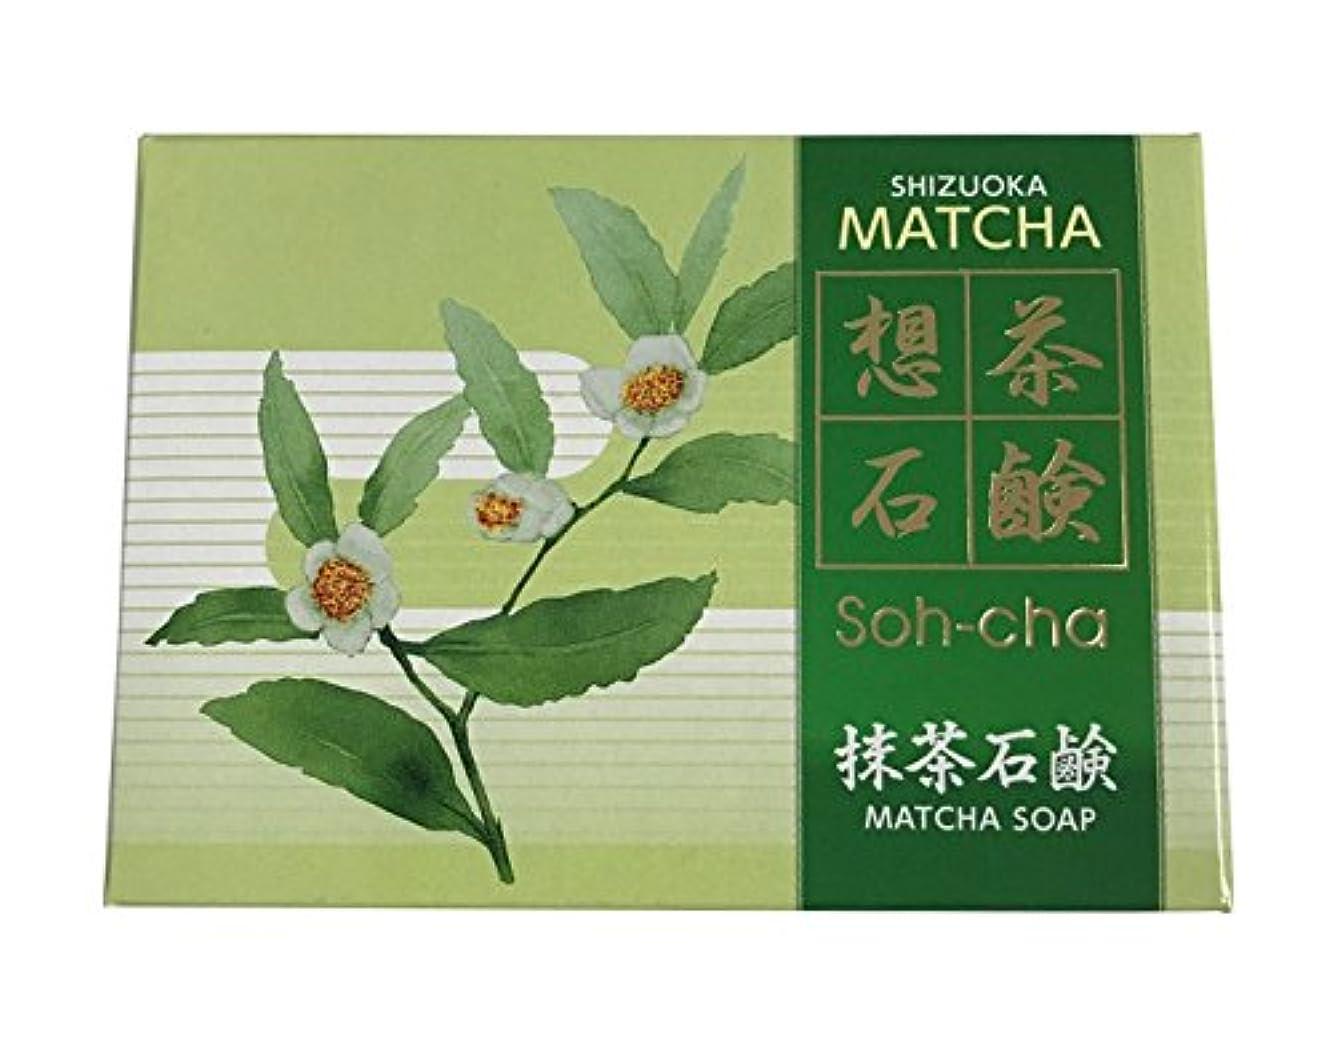 フロムS 想茶石鹸 抹茶 (泡立てネット付) 80g